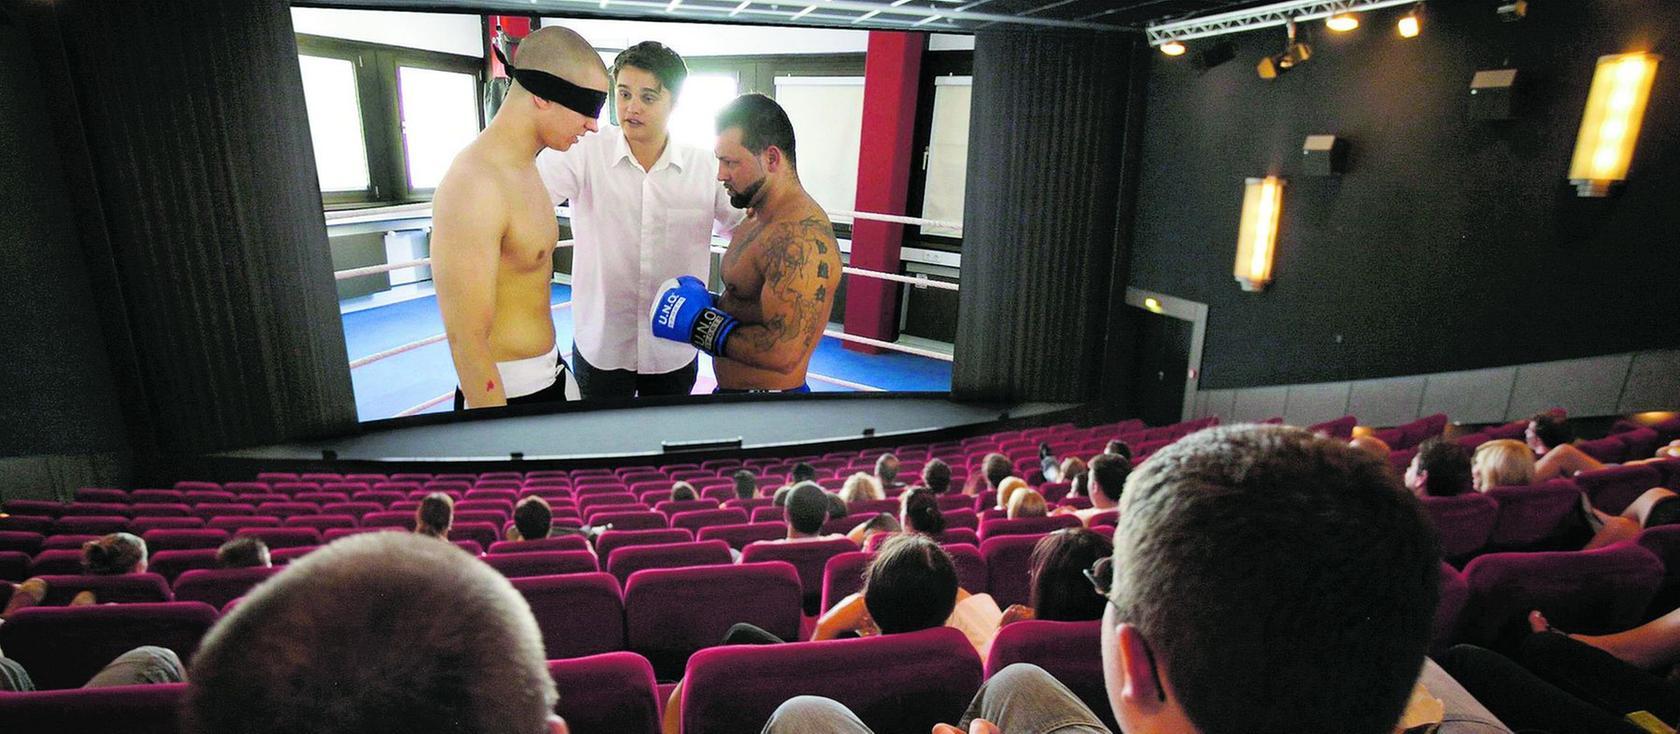 """""""Die Nacht in mir"""" lief bereits im Fürther Kino. Weitere Vorführungen sind geplant."""